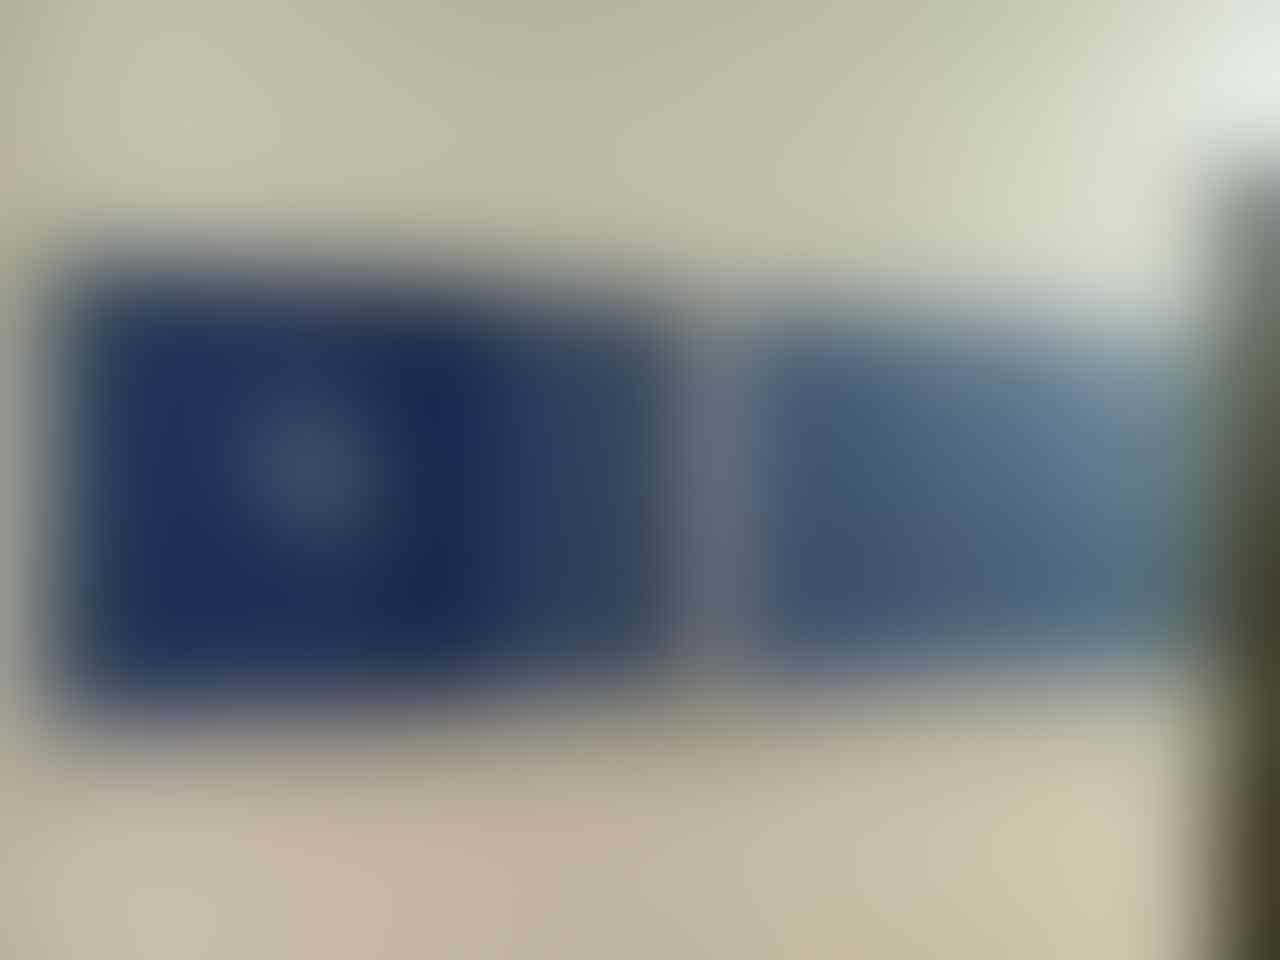 Softboard Custom x 90 100 120 150 180 200 / Papan Mading Kaca Alumunium